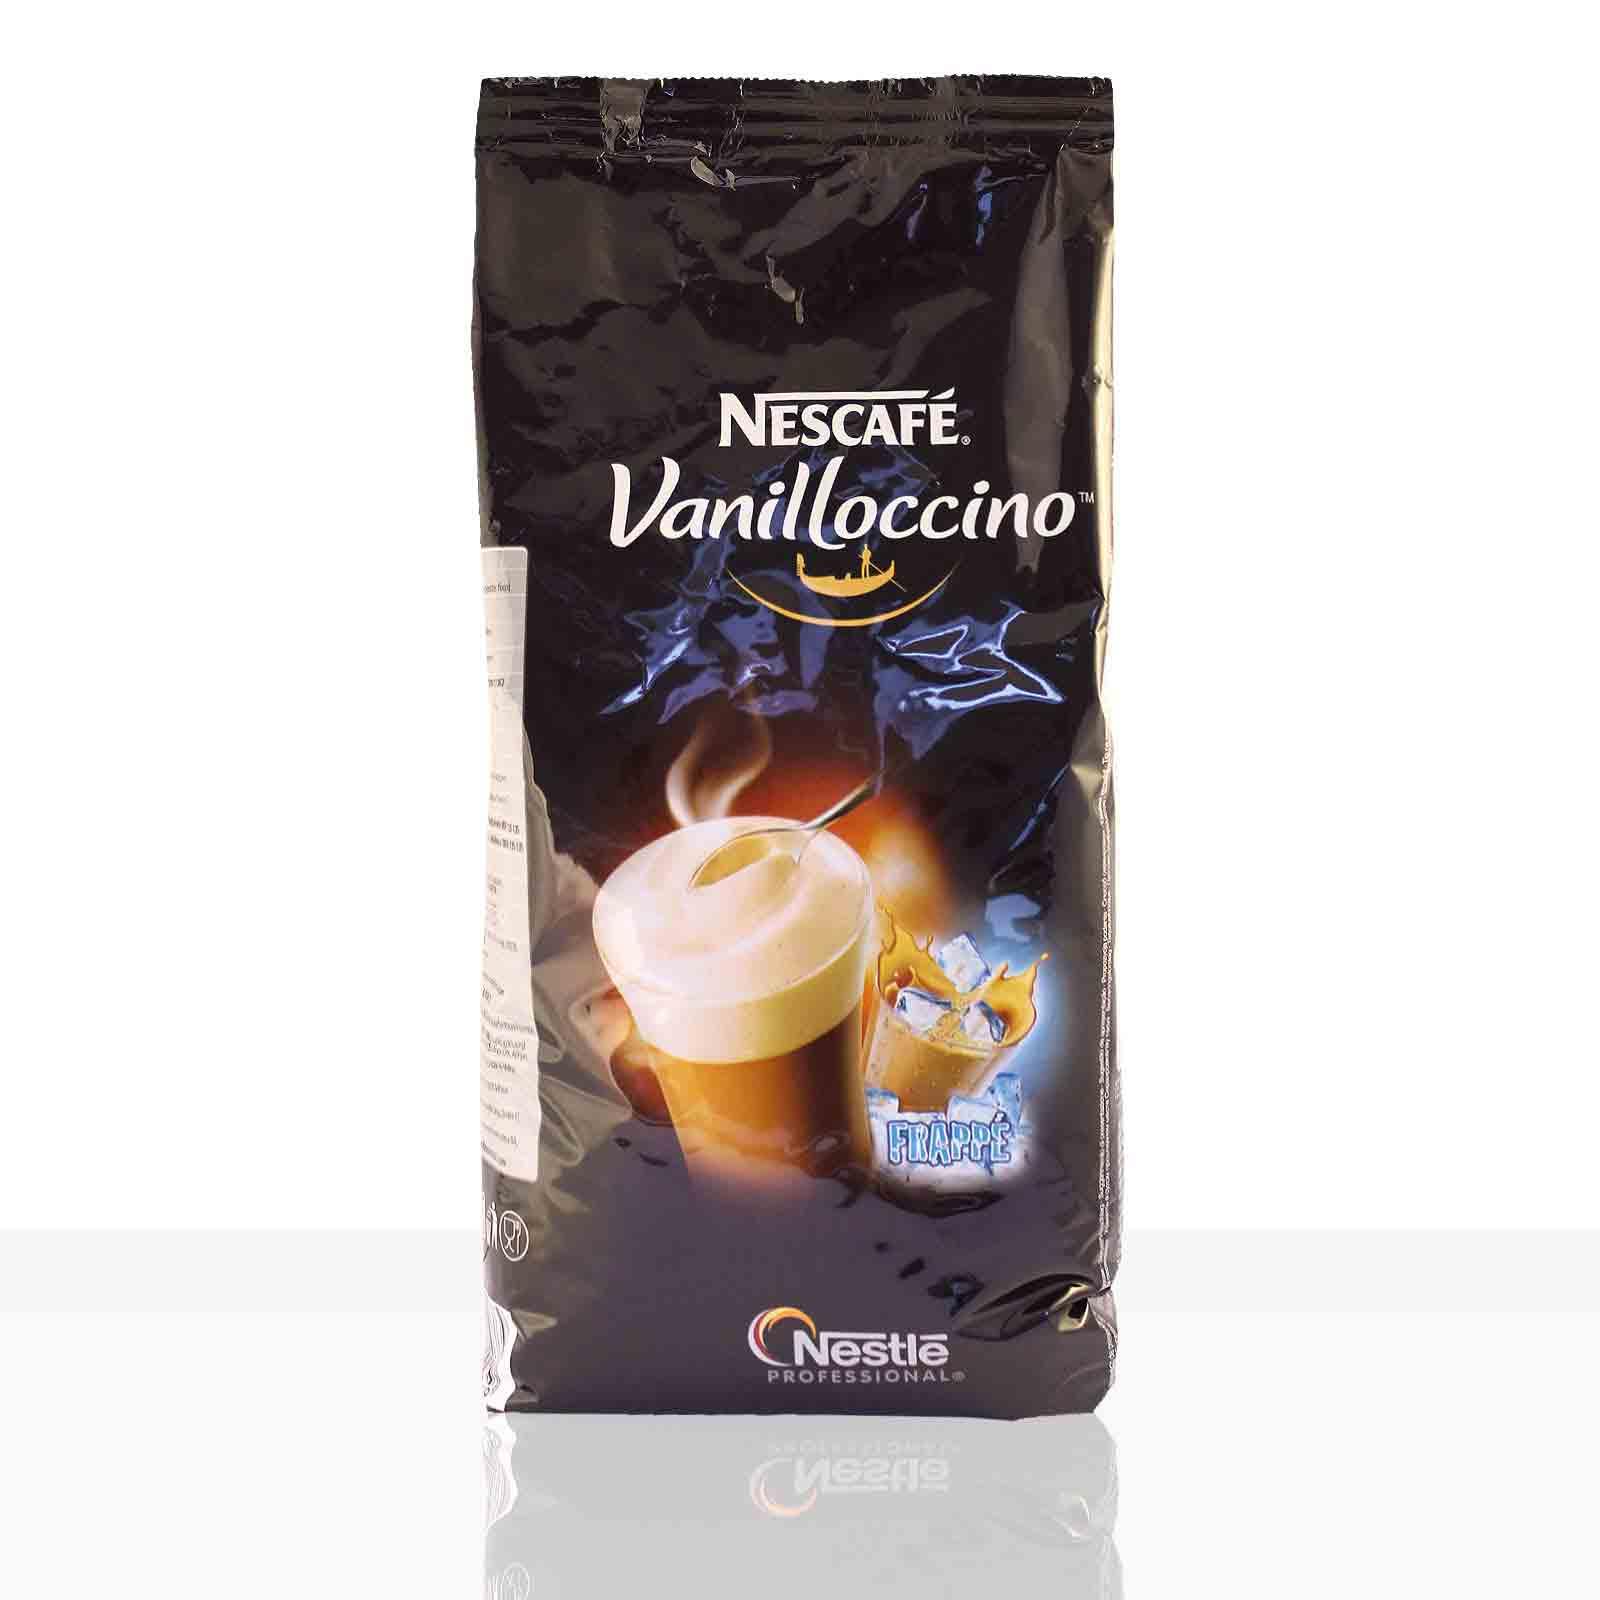 Nestle Nescafe Frappe Vanilloccino - 1kg Vanillepulver Instantpulver Milchshake